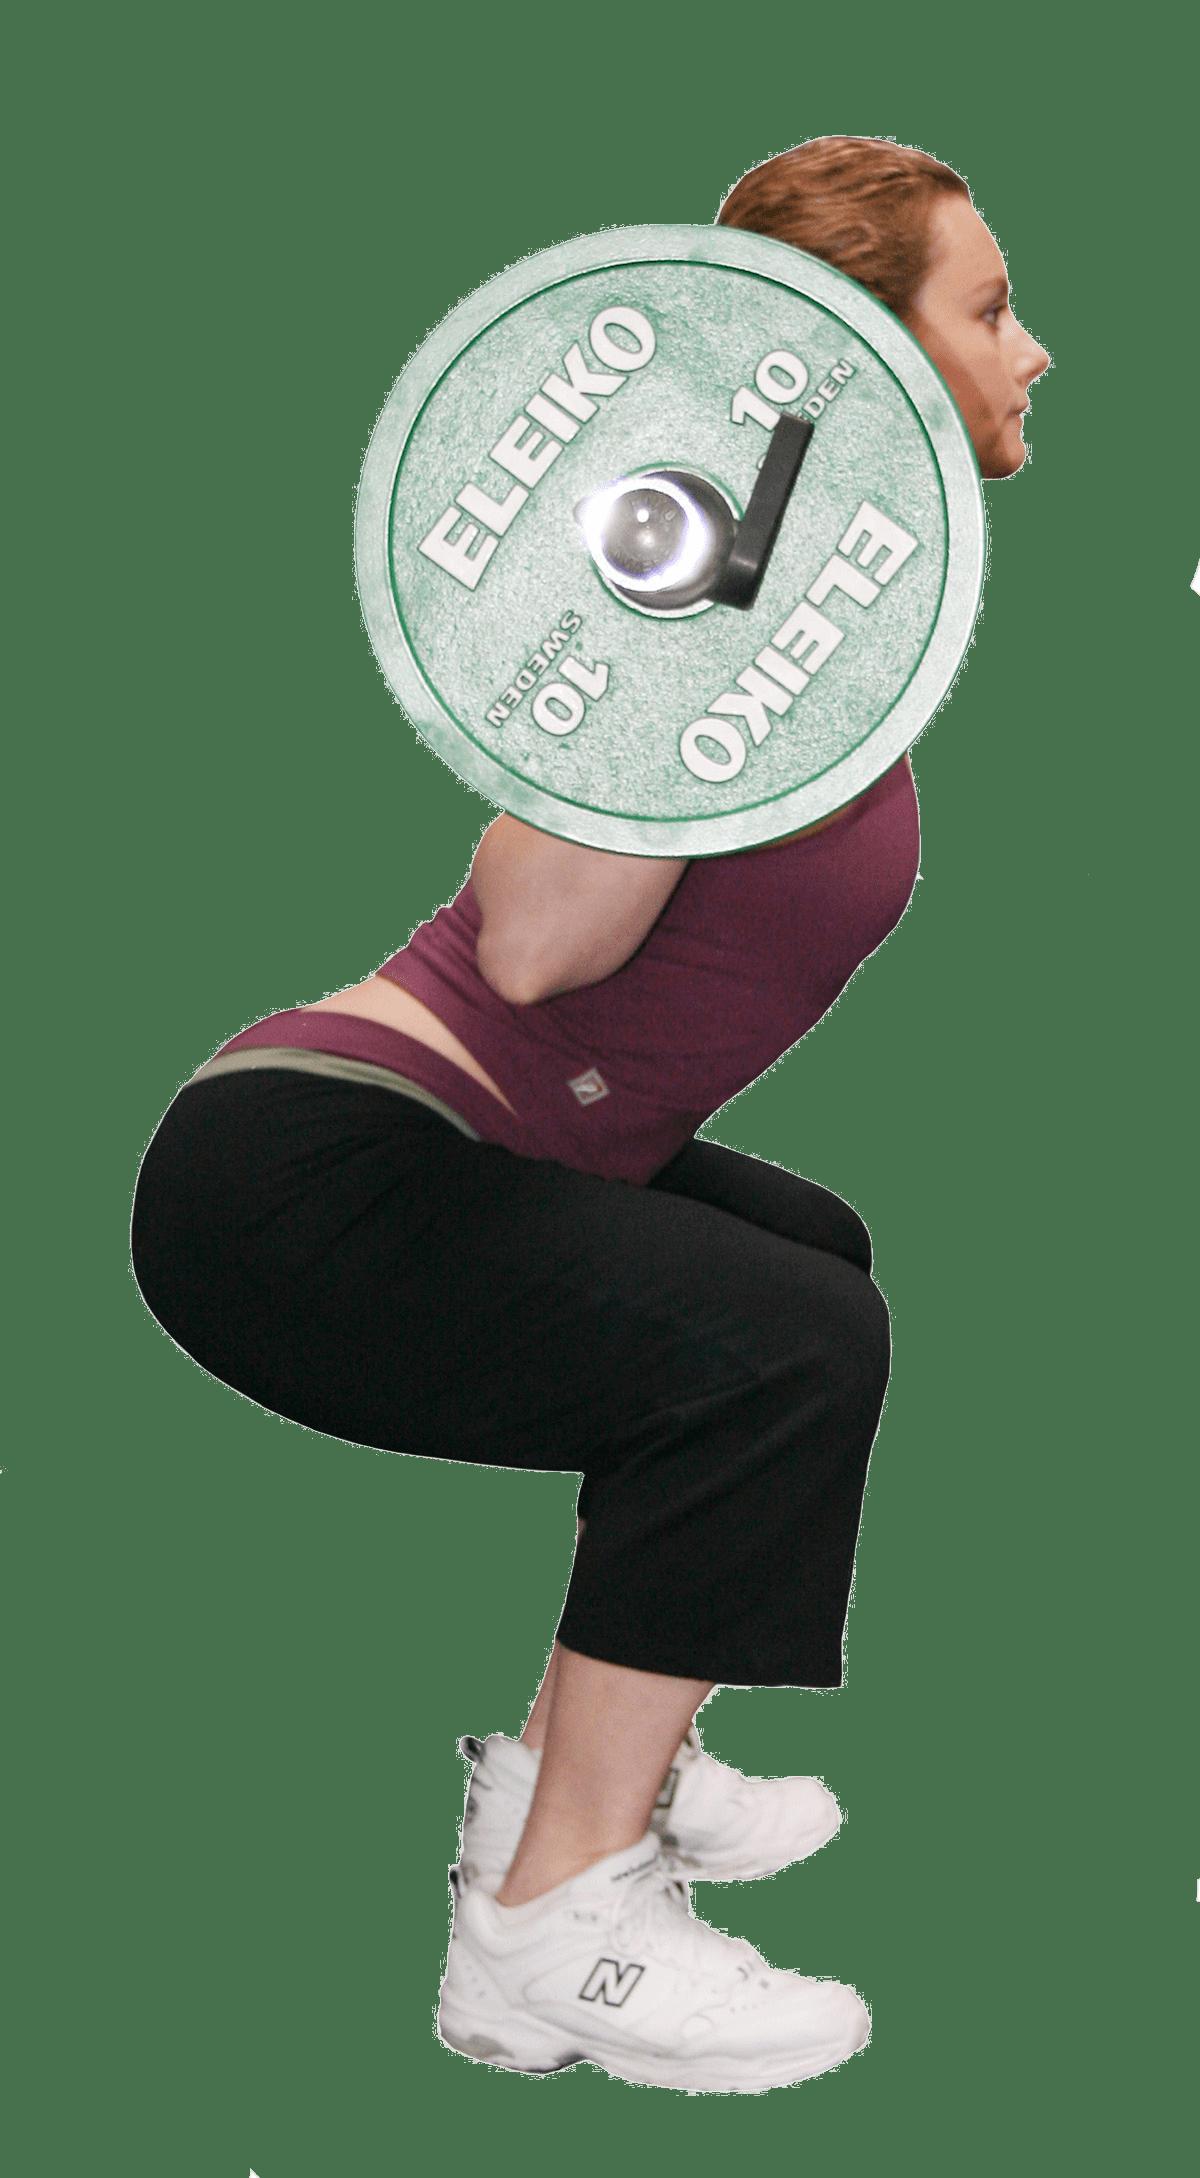 CHEK Squat Assessment Checklist